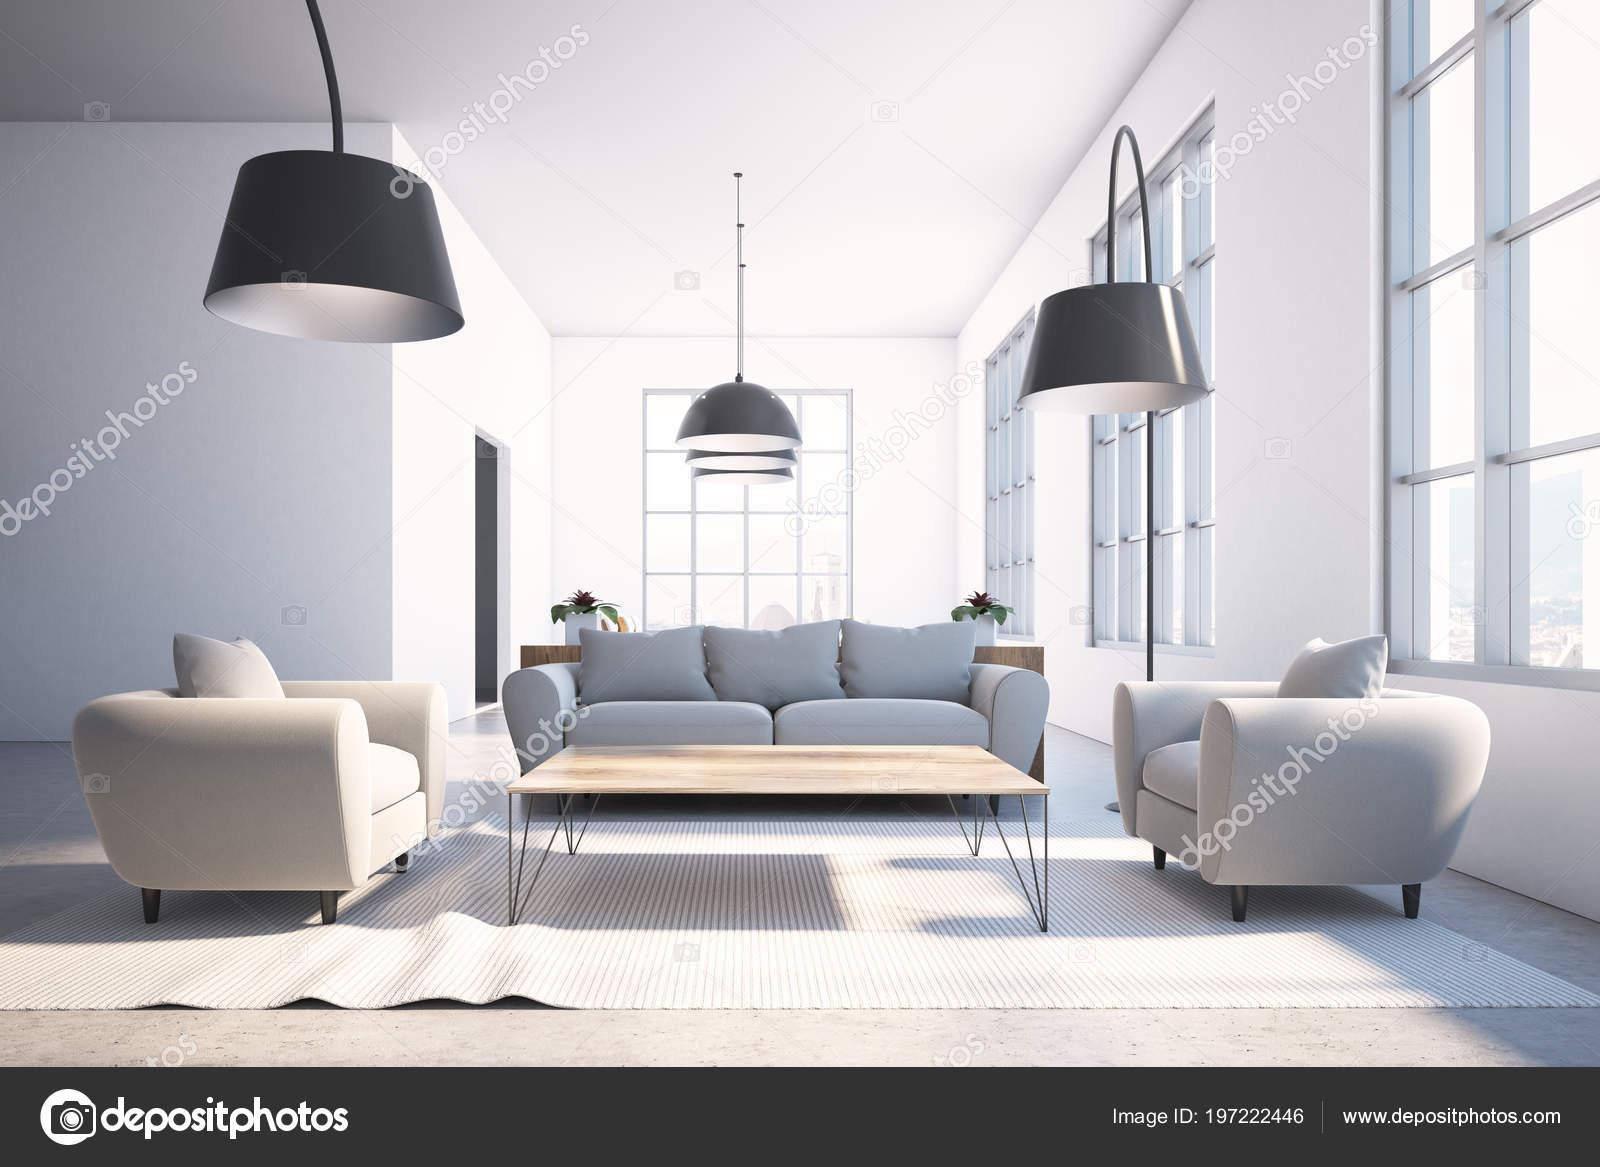 Luxus Graue Sofas Stehen Auf Einem Platz Einem Skandinavischen Stil ...